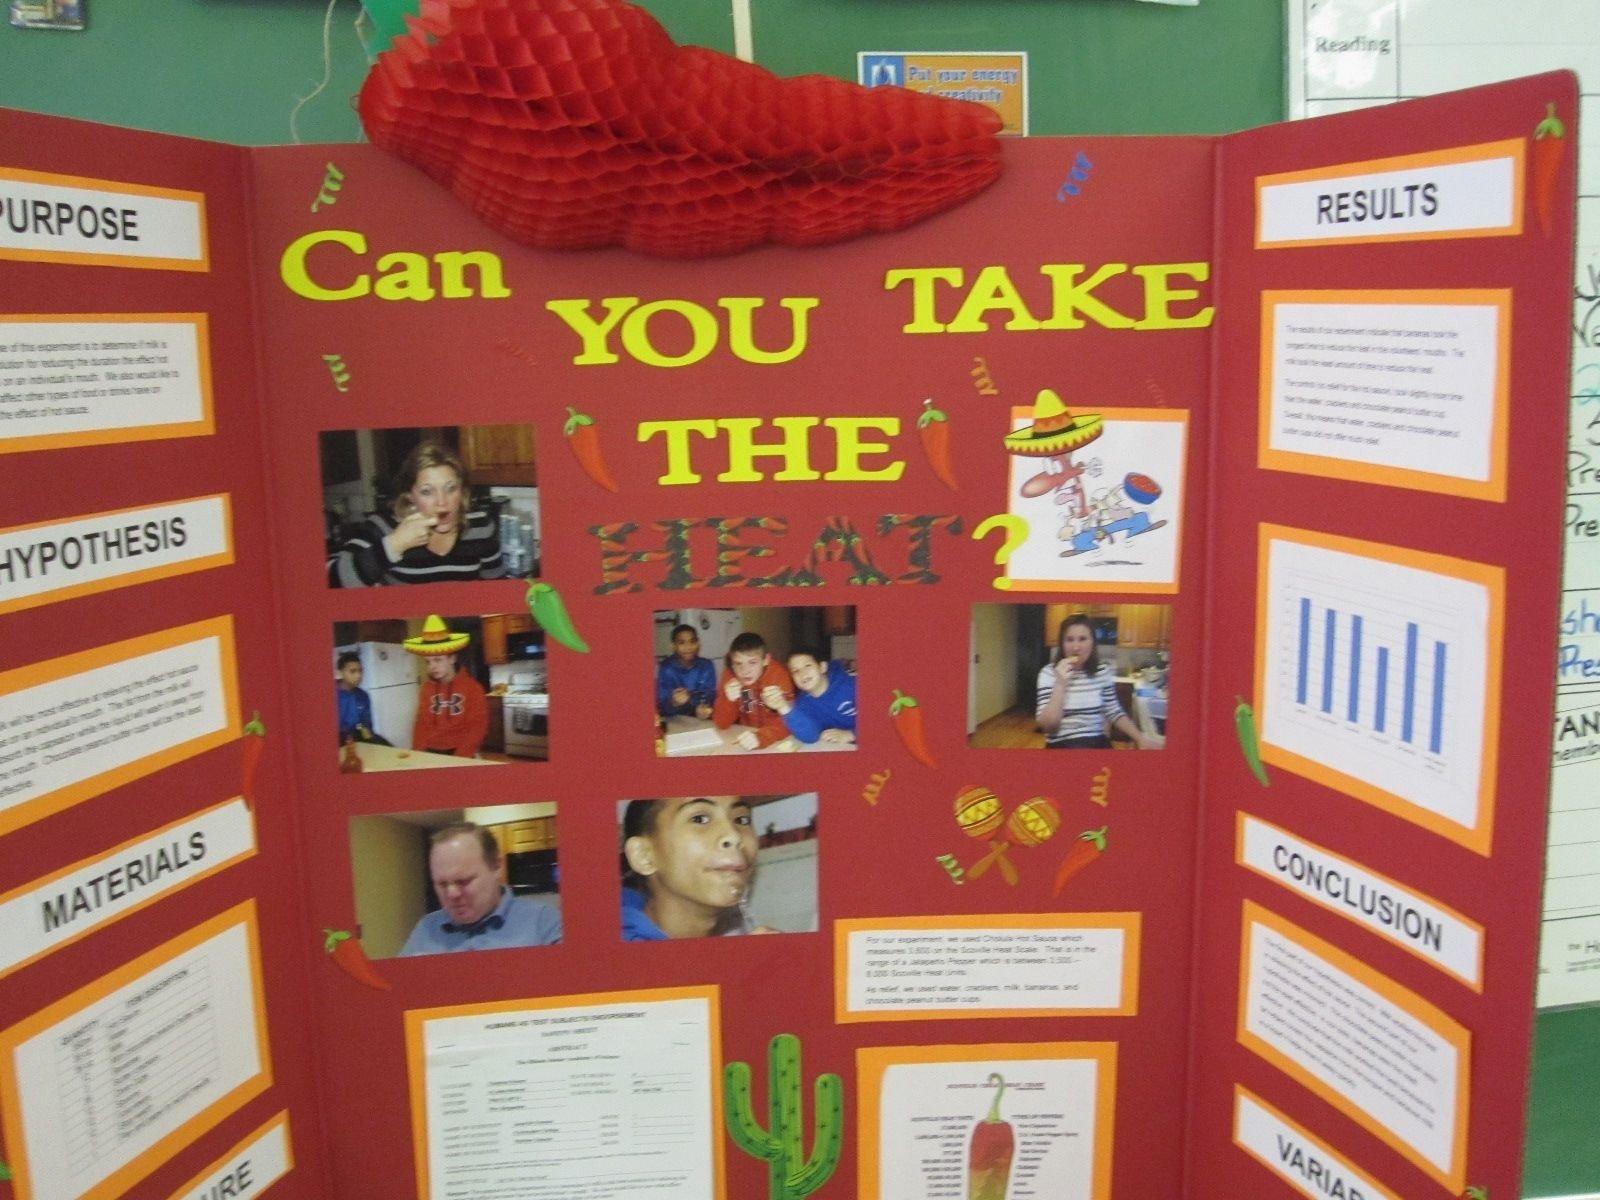 10 Pretty Science Fair Ideas For 8Th Grade second grade science fair topics learnkids science im kinda 25 2020